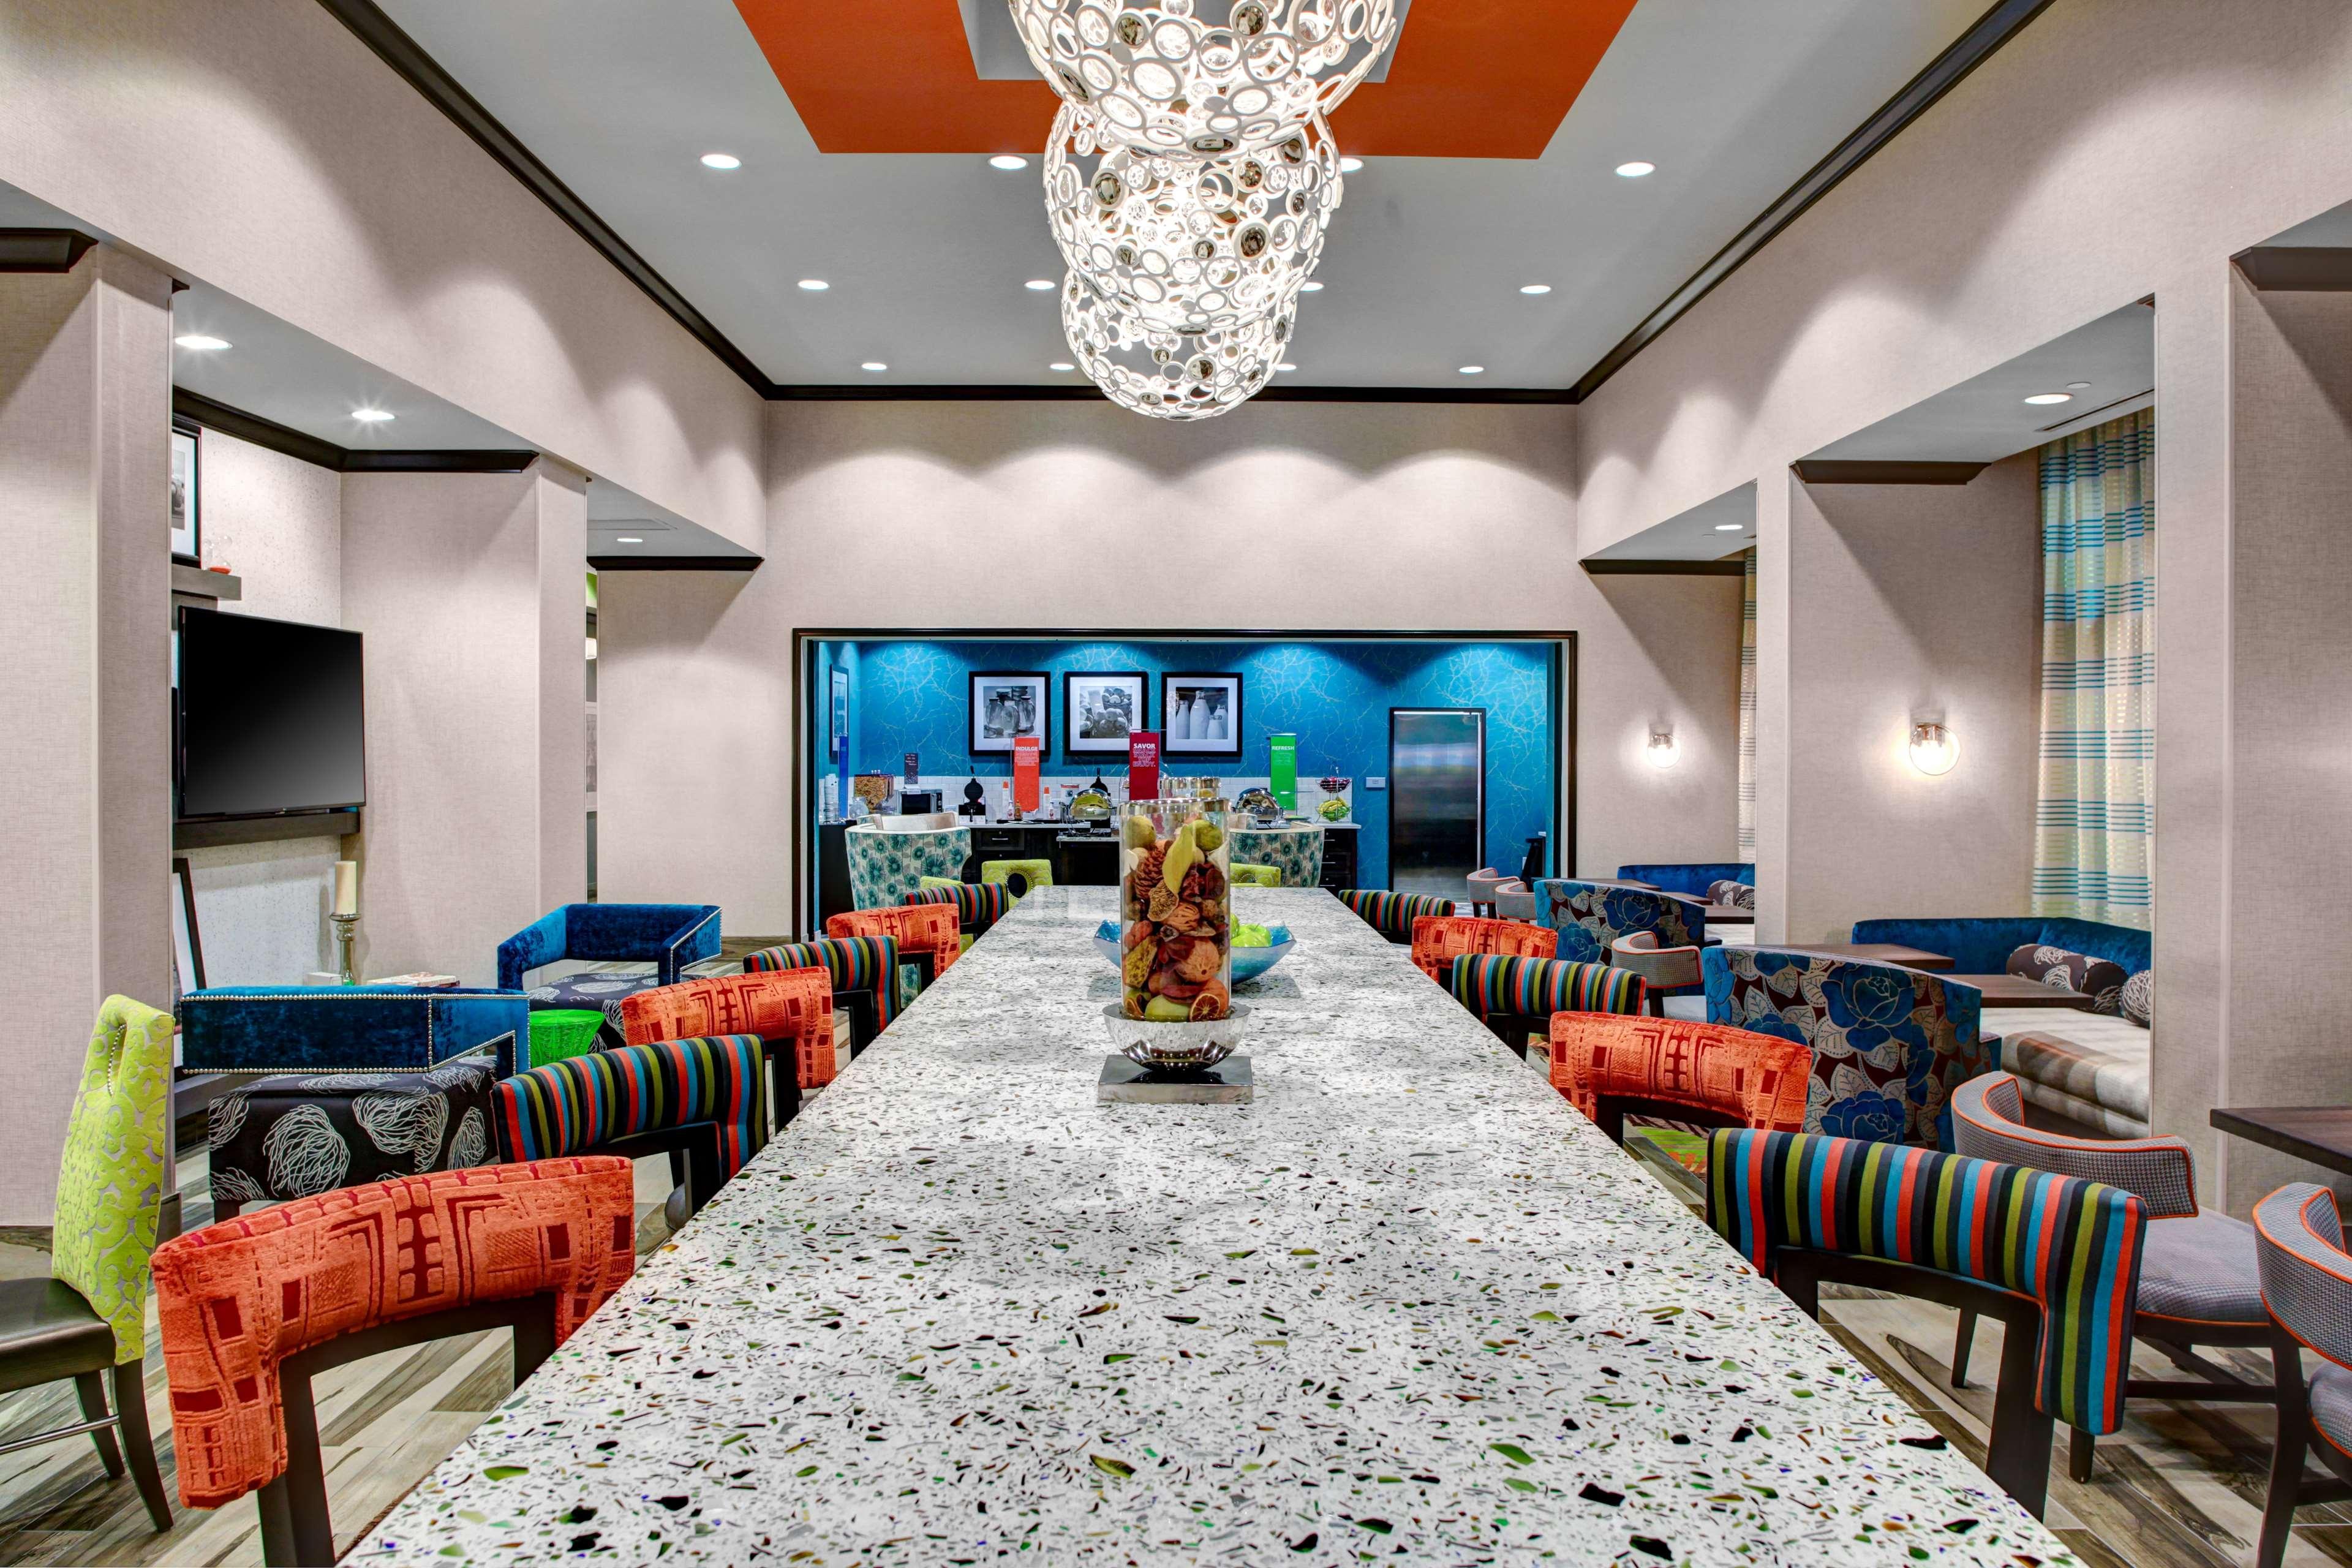 Hampton Inn & Suites by Hilton Atlanta Perimeter Dunwoody image 7